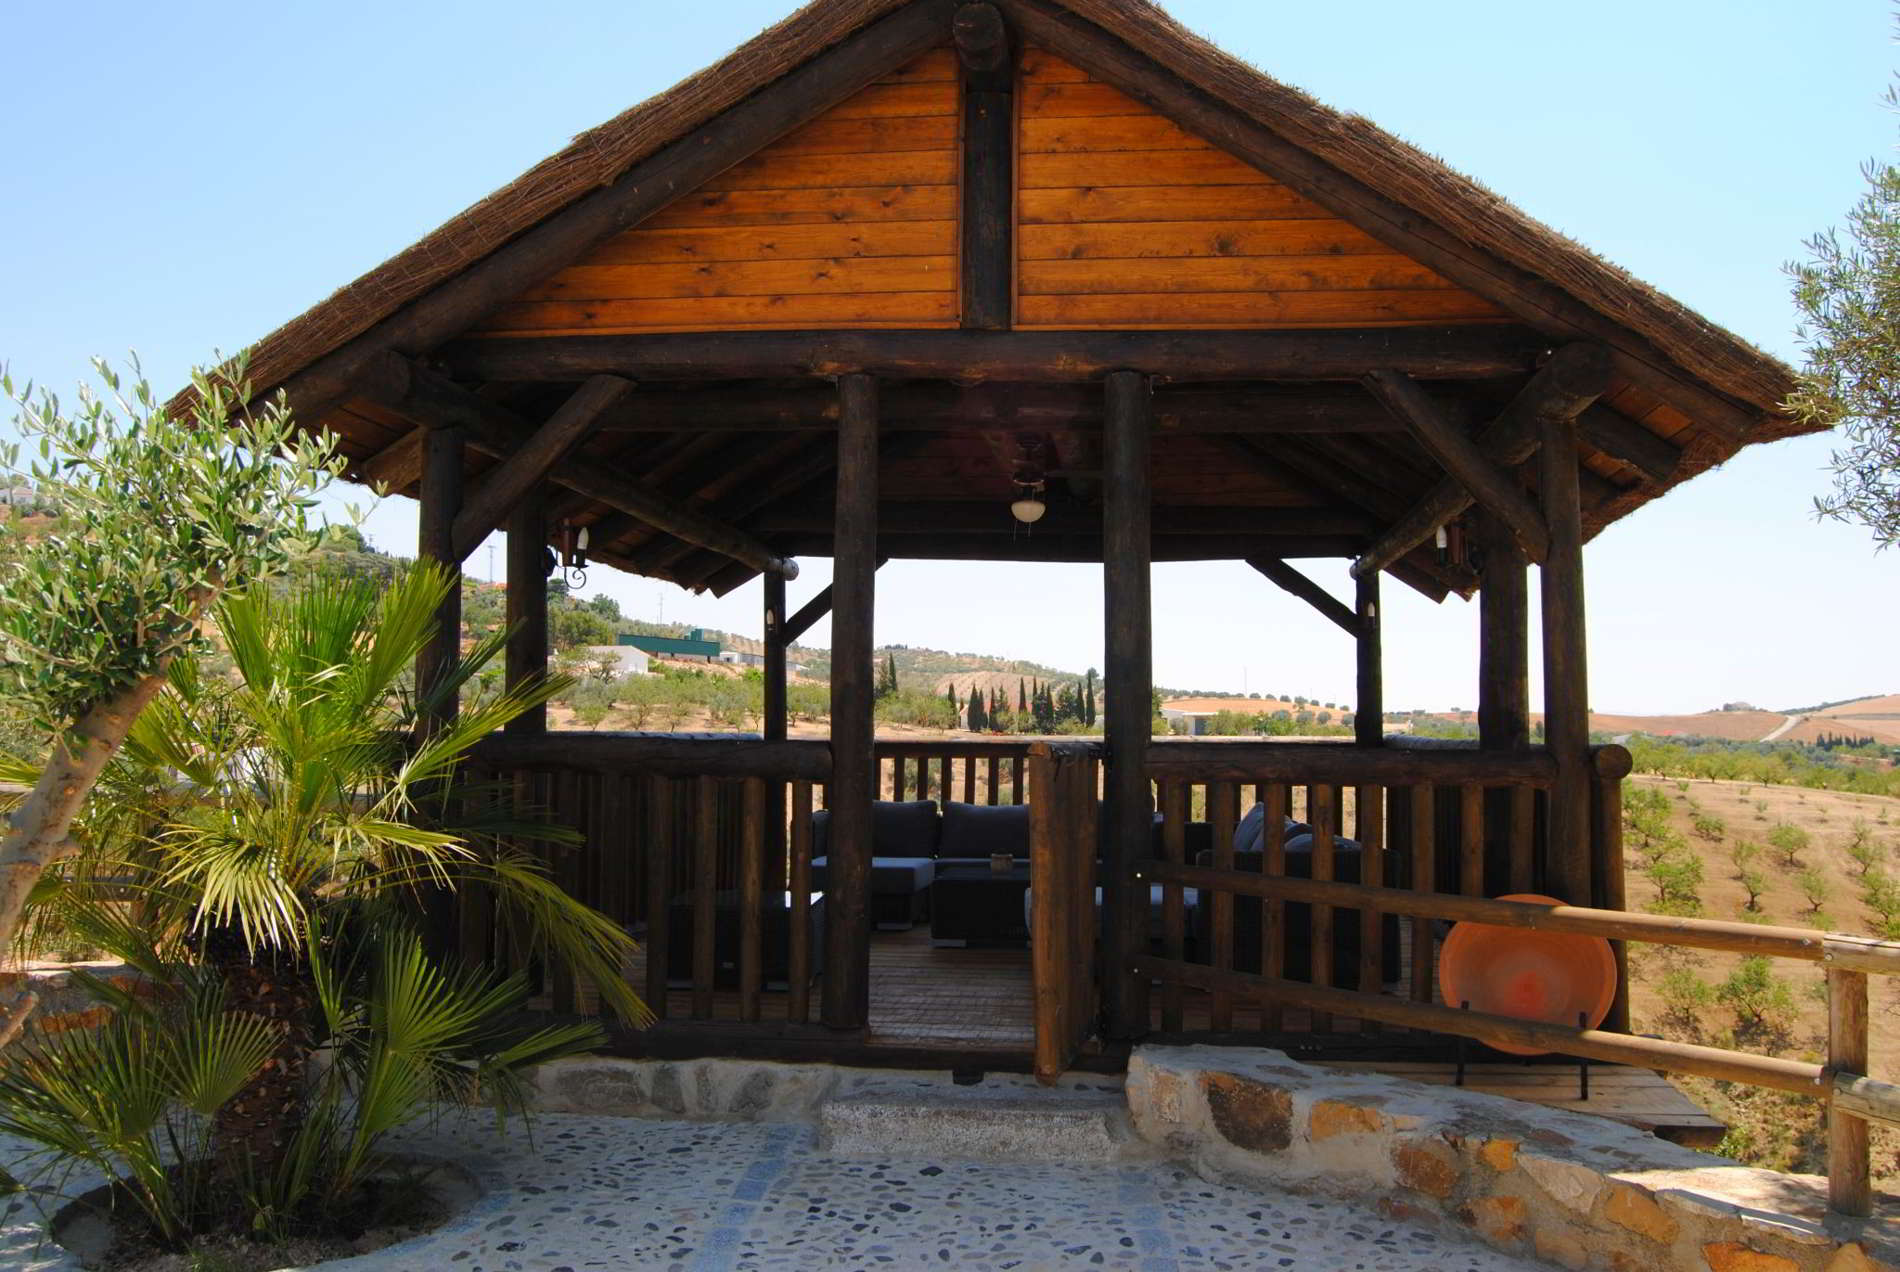 Mirador de la Casa Rural Finca del Río, Antequera, Málaga